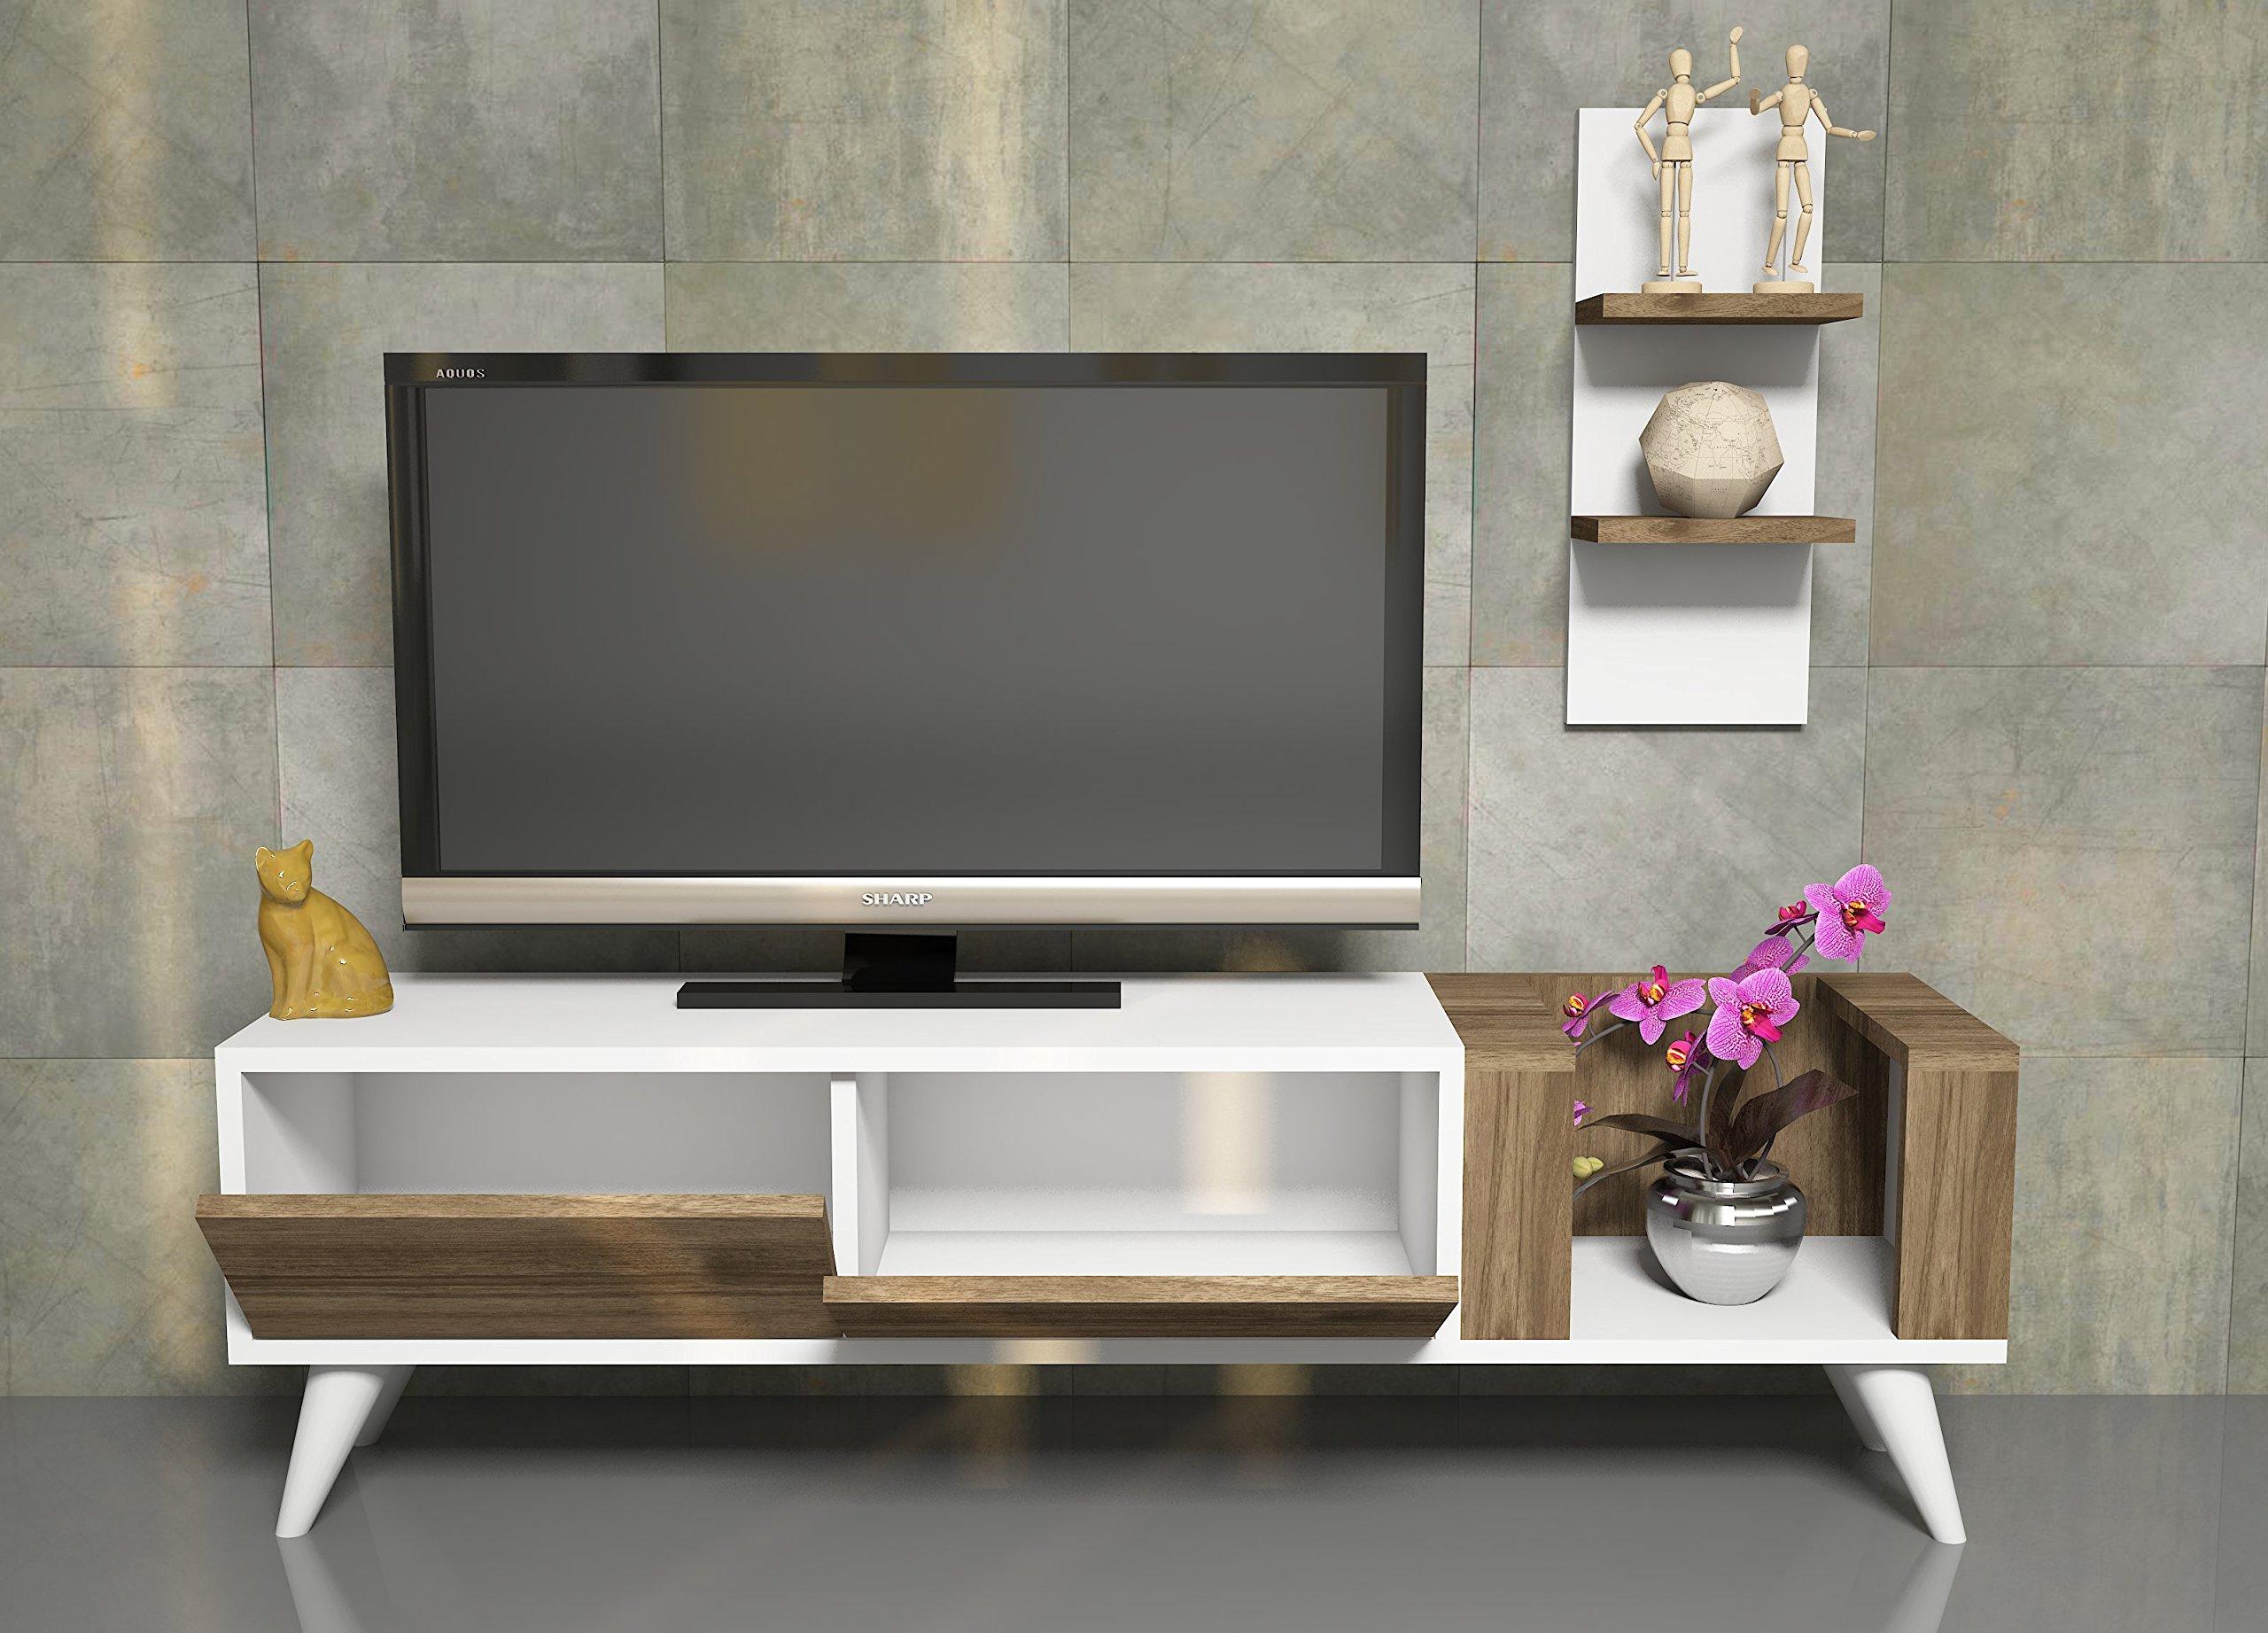 PERS Mueble salón comedor para televisión con 2 puerta y estante - Blanco / Nogal - Mueble bajo para televisor - Mesa de Televisión en diseño elegante: Amazon.es: Hogar